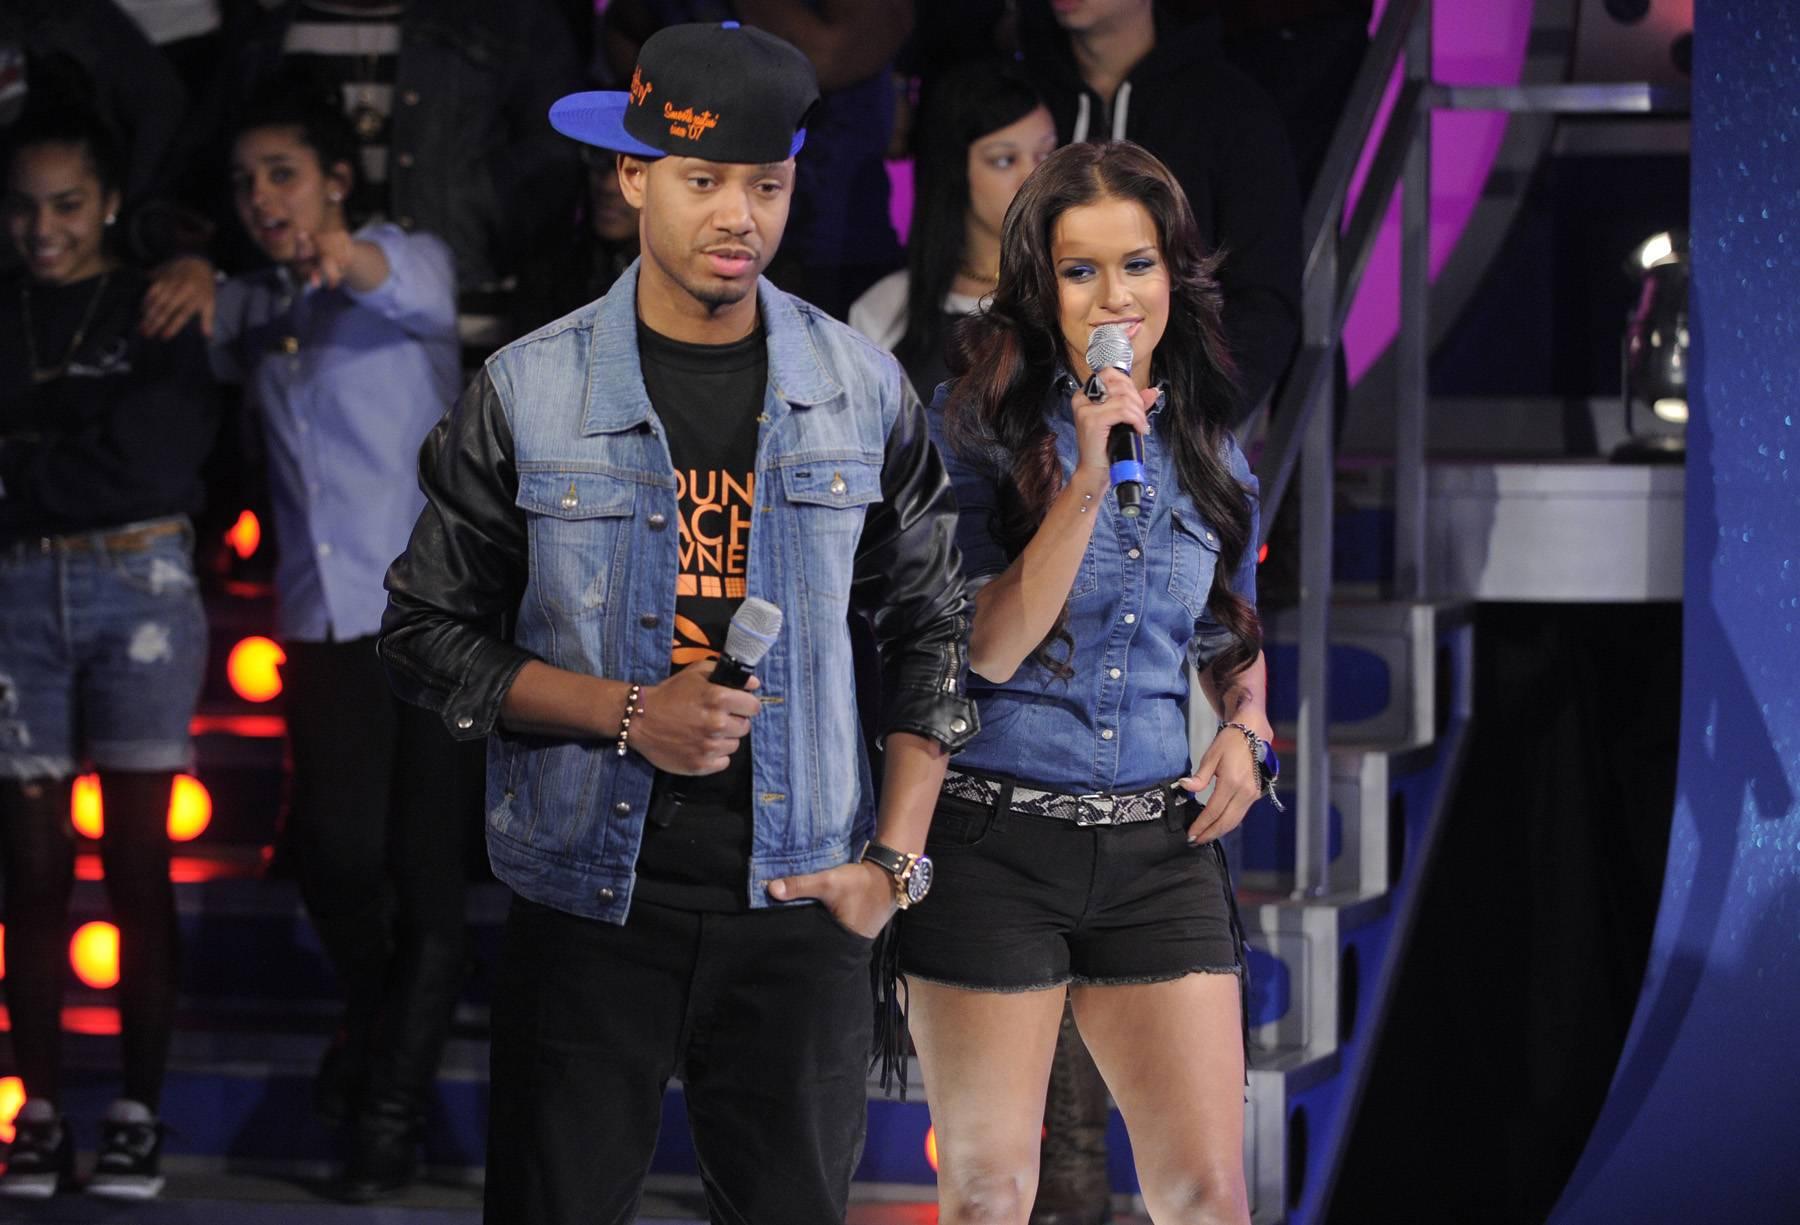 Hey You - Terrence J and Rocsi Diaz at 106 & Park, May 2, 2012. (Photo: John Ricard/BET)